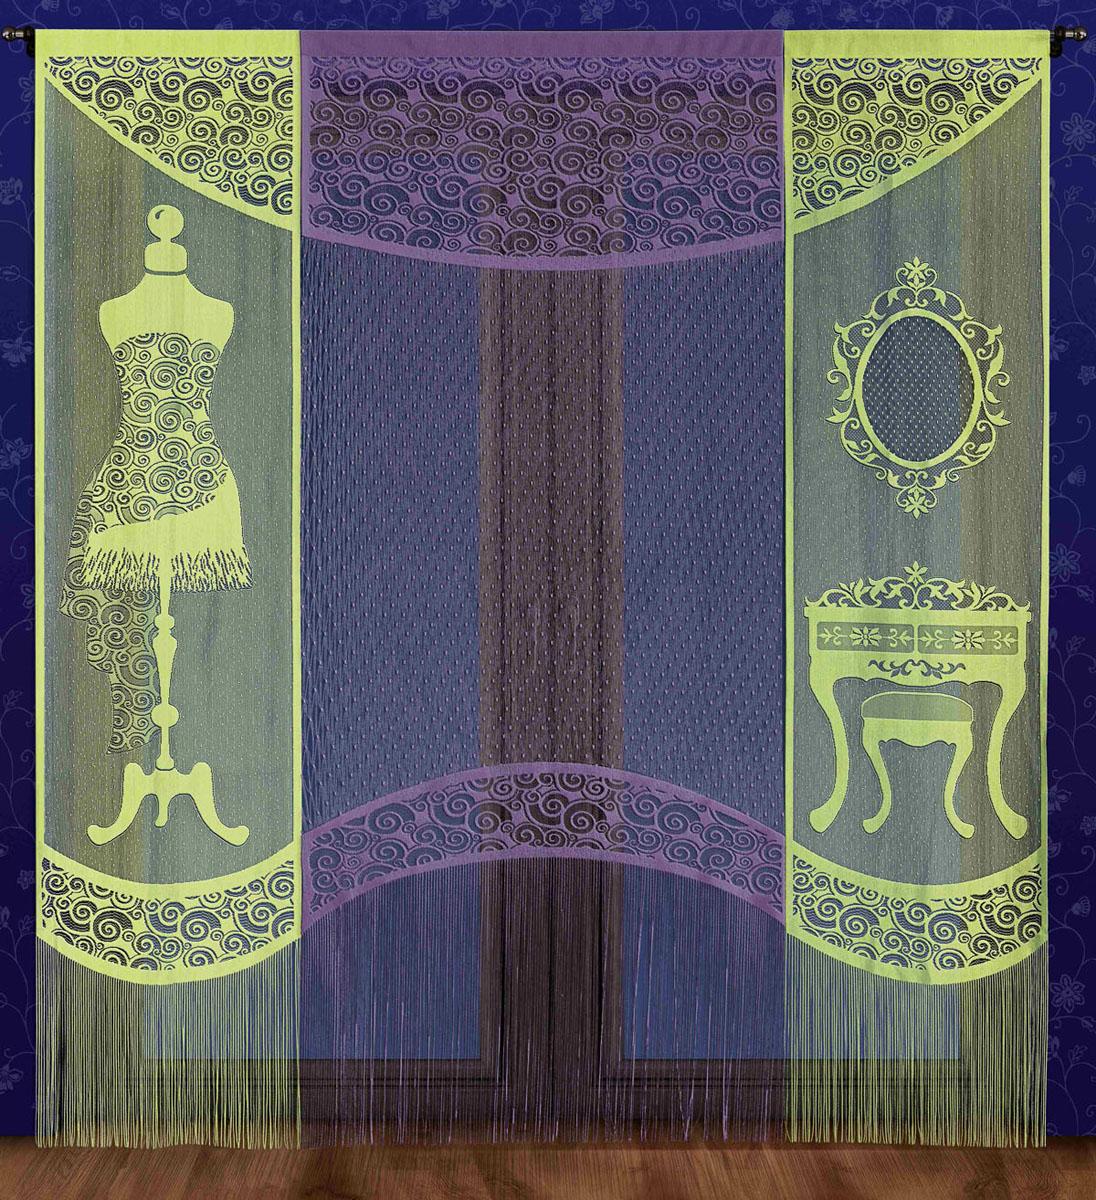 Комплект гардин-панно Garderoba, на кулиске, цвет: салатовый, фиолетовый, высота 250 см